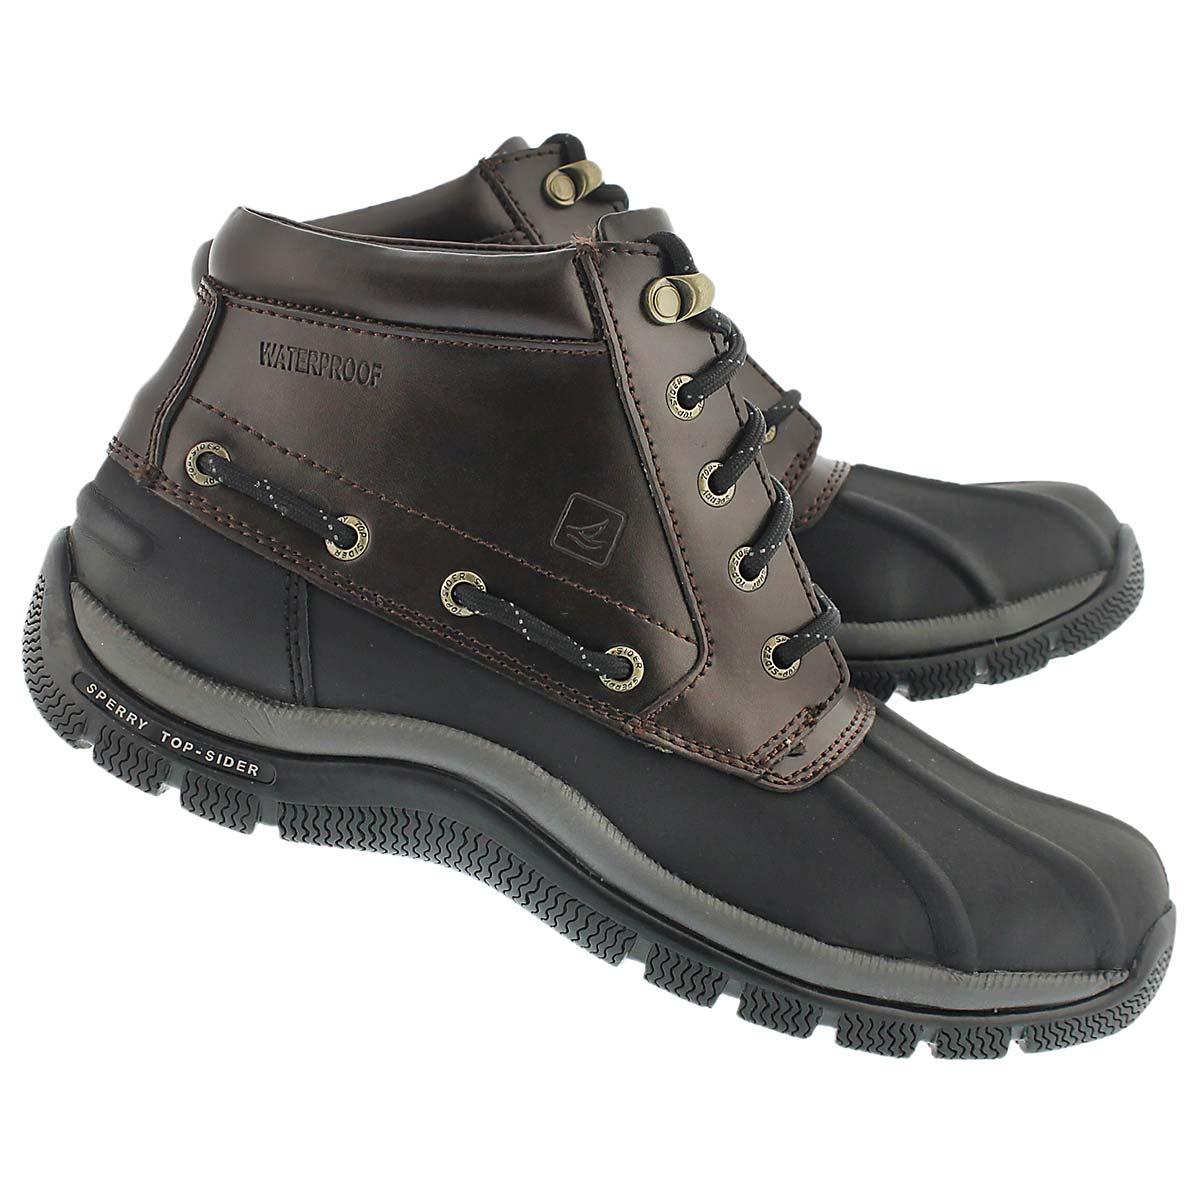 Mns Glacier black/amaretto winter boot